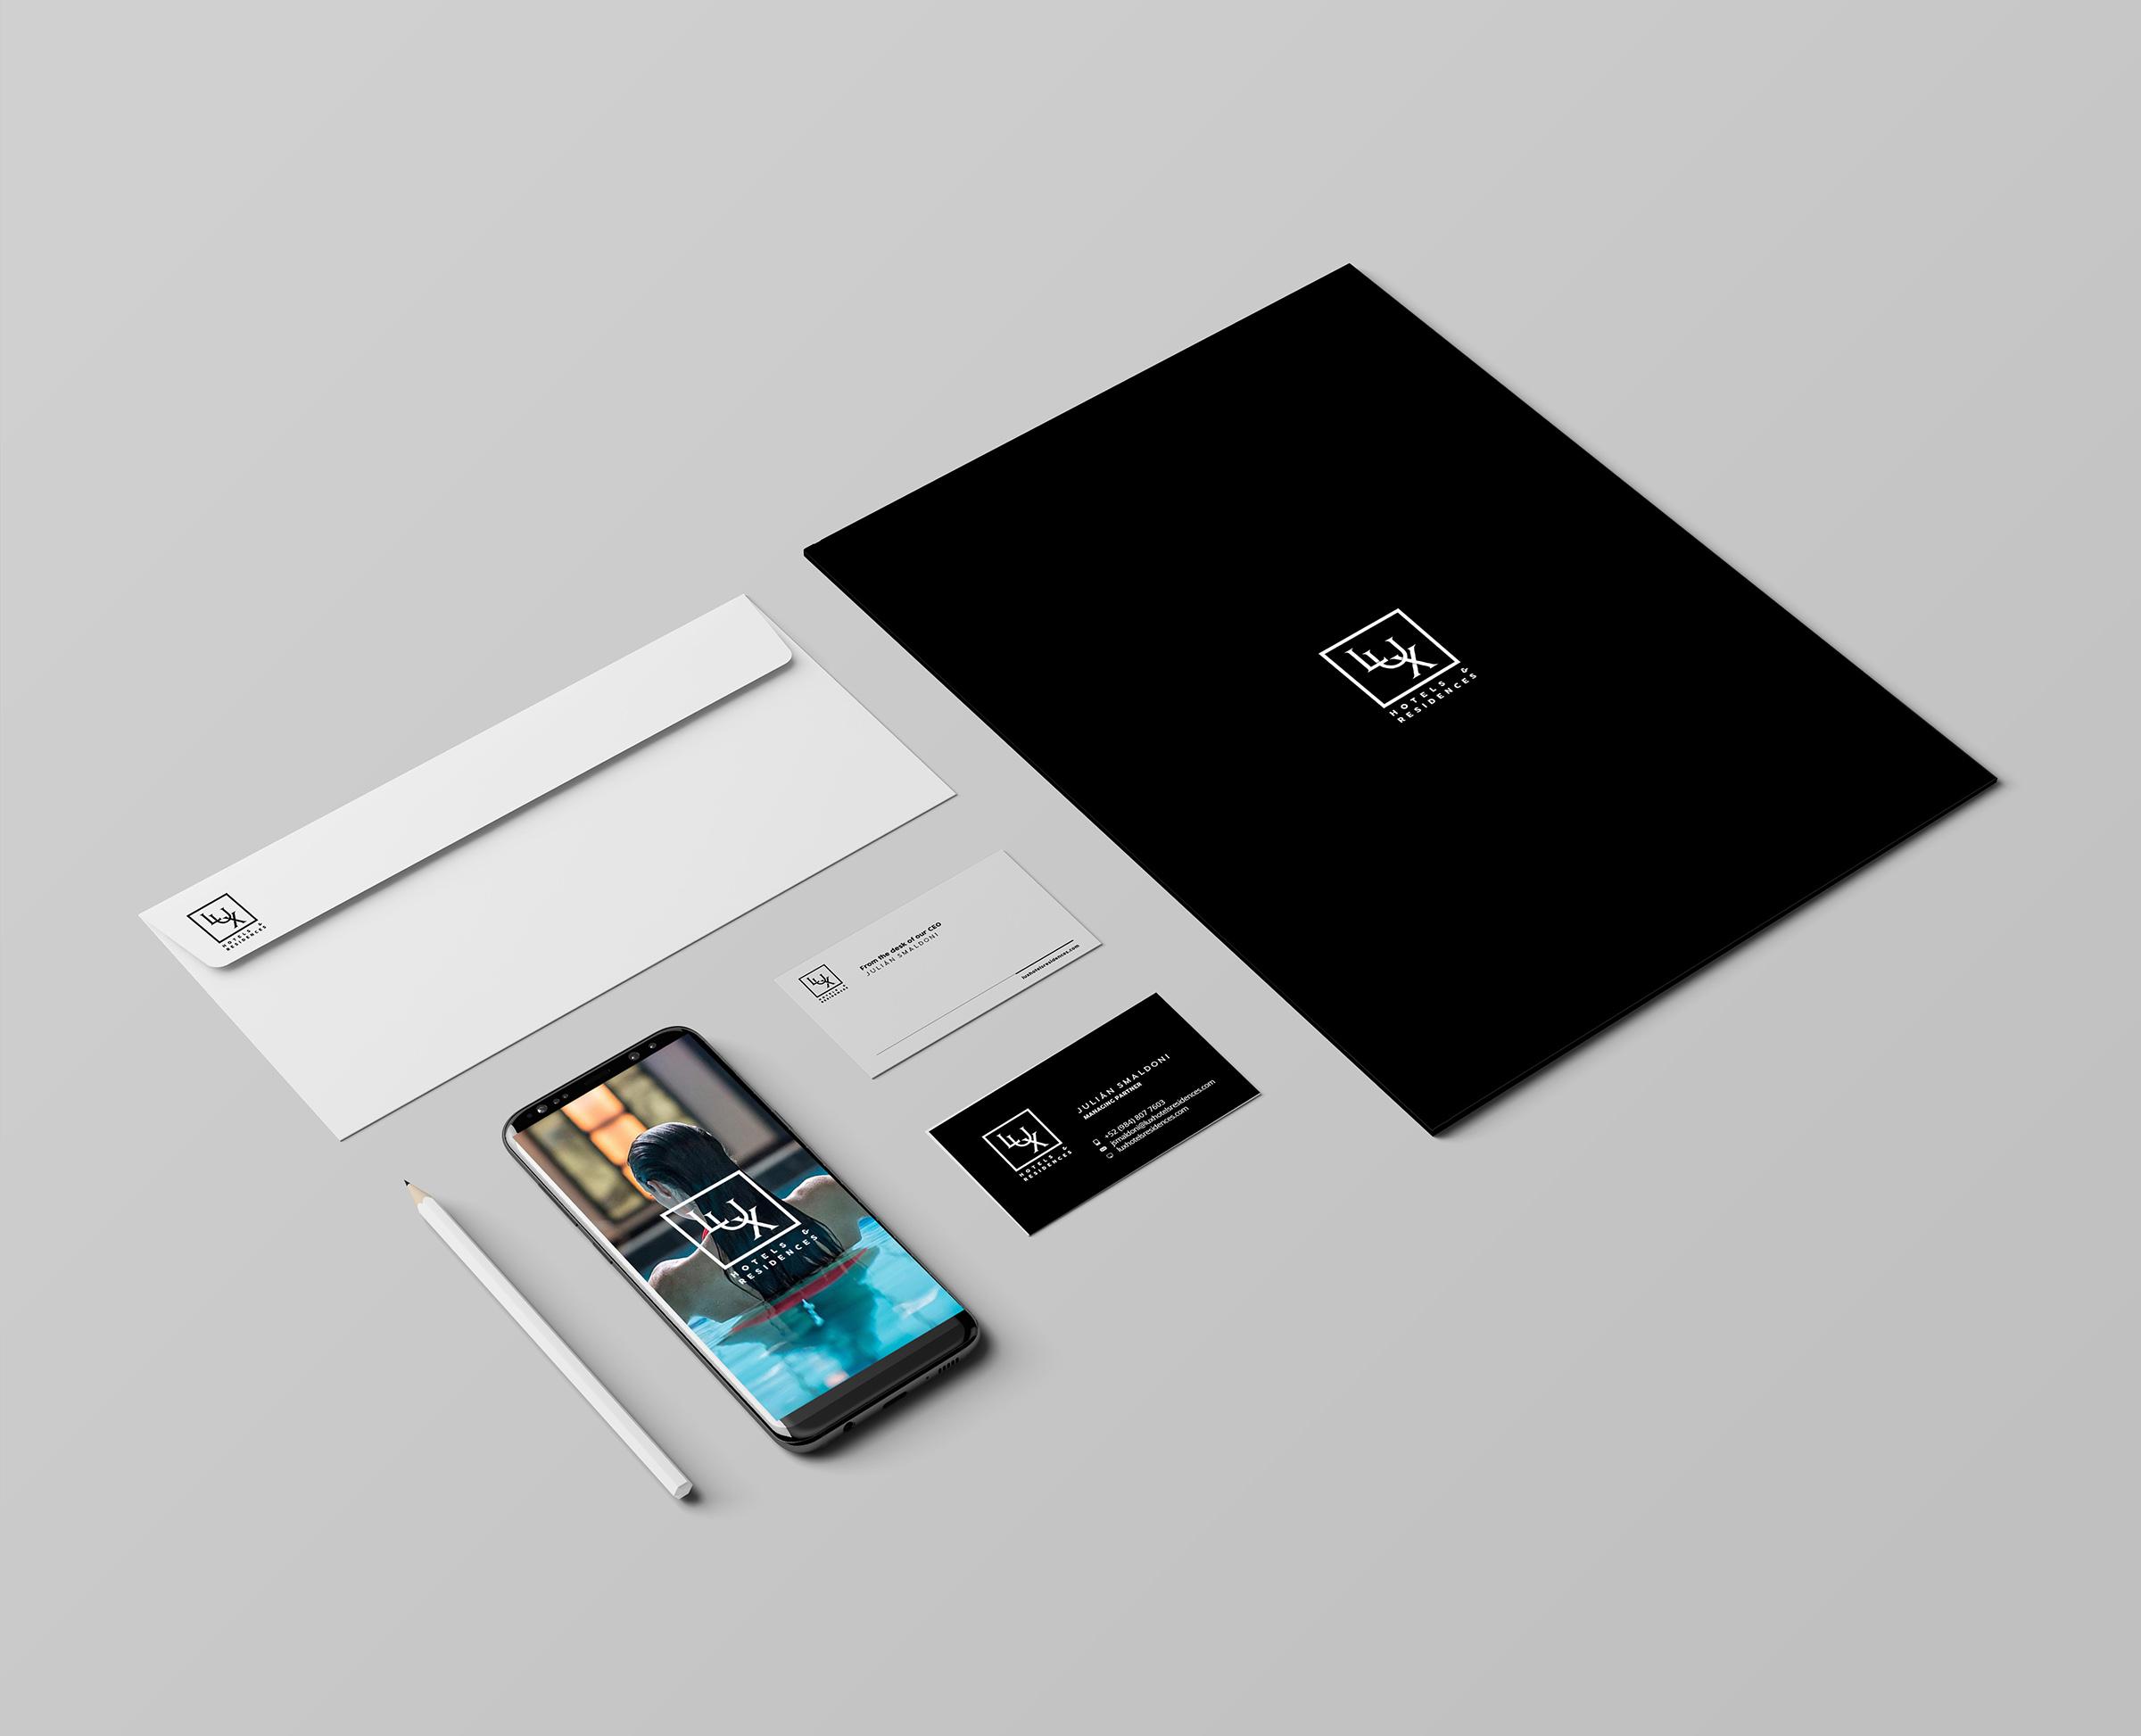 Diseño-Tráfico-Caribe-Estudio-Playa-del-Carmen-Diseño-Identidad-Corporativa